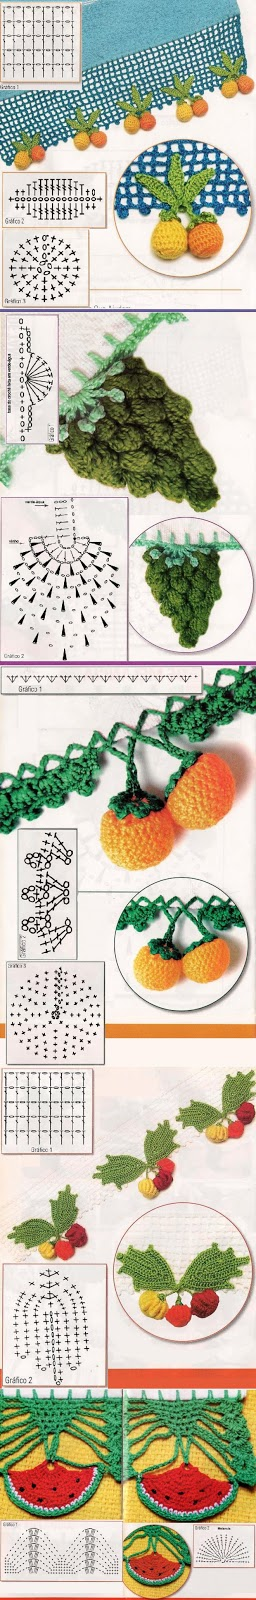 Croche Madona-mía puntos y graficos: Puntillas para paños de cocina ...